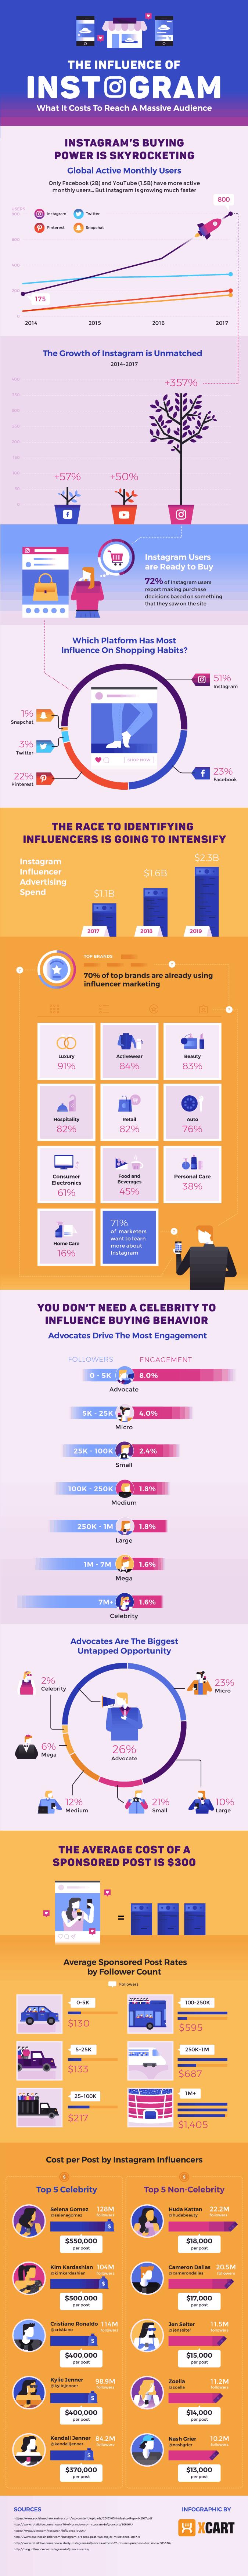 coût de l'influence marketing sur Instagram : infographie